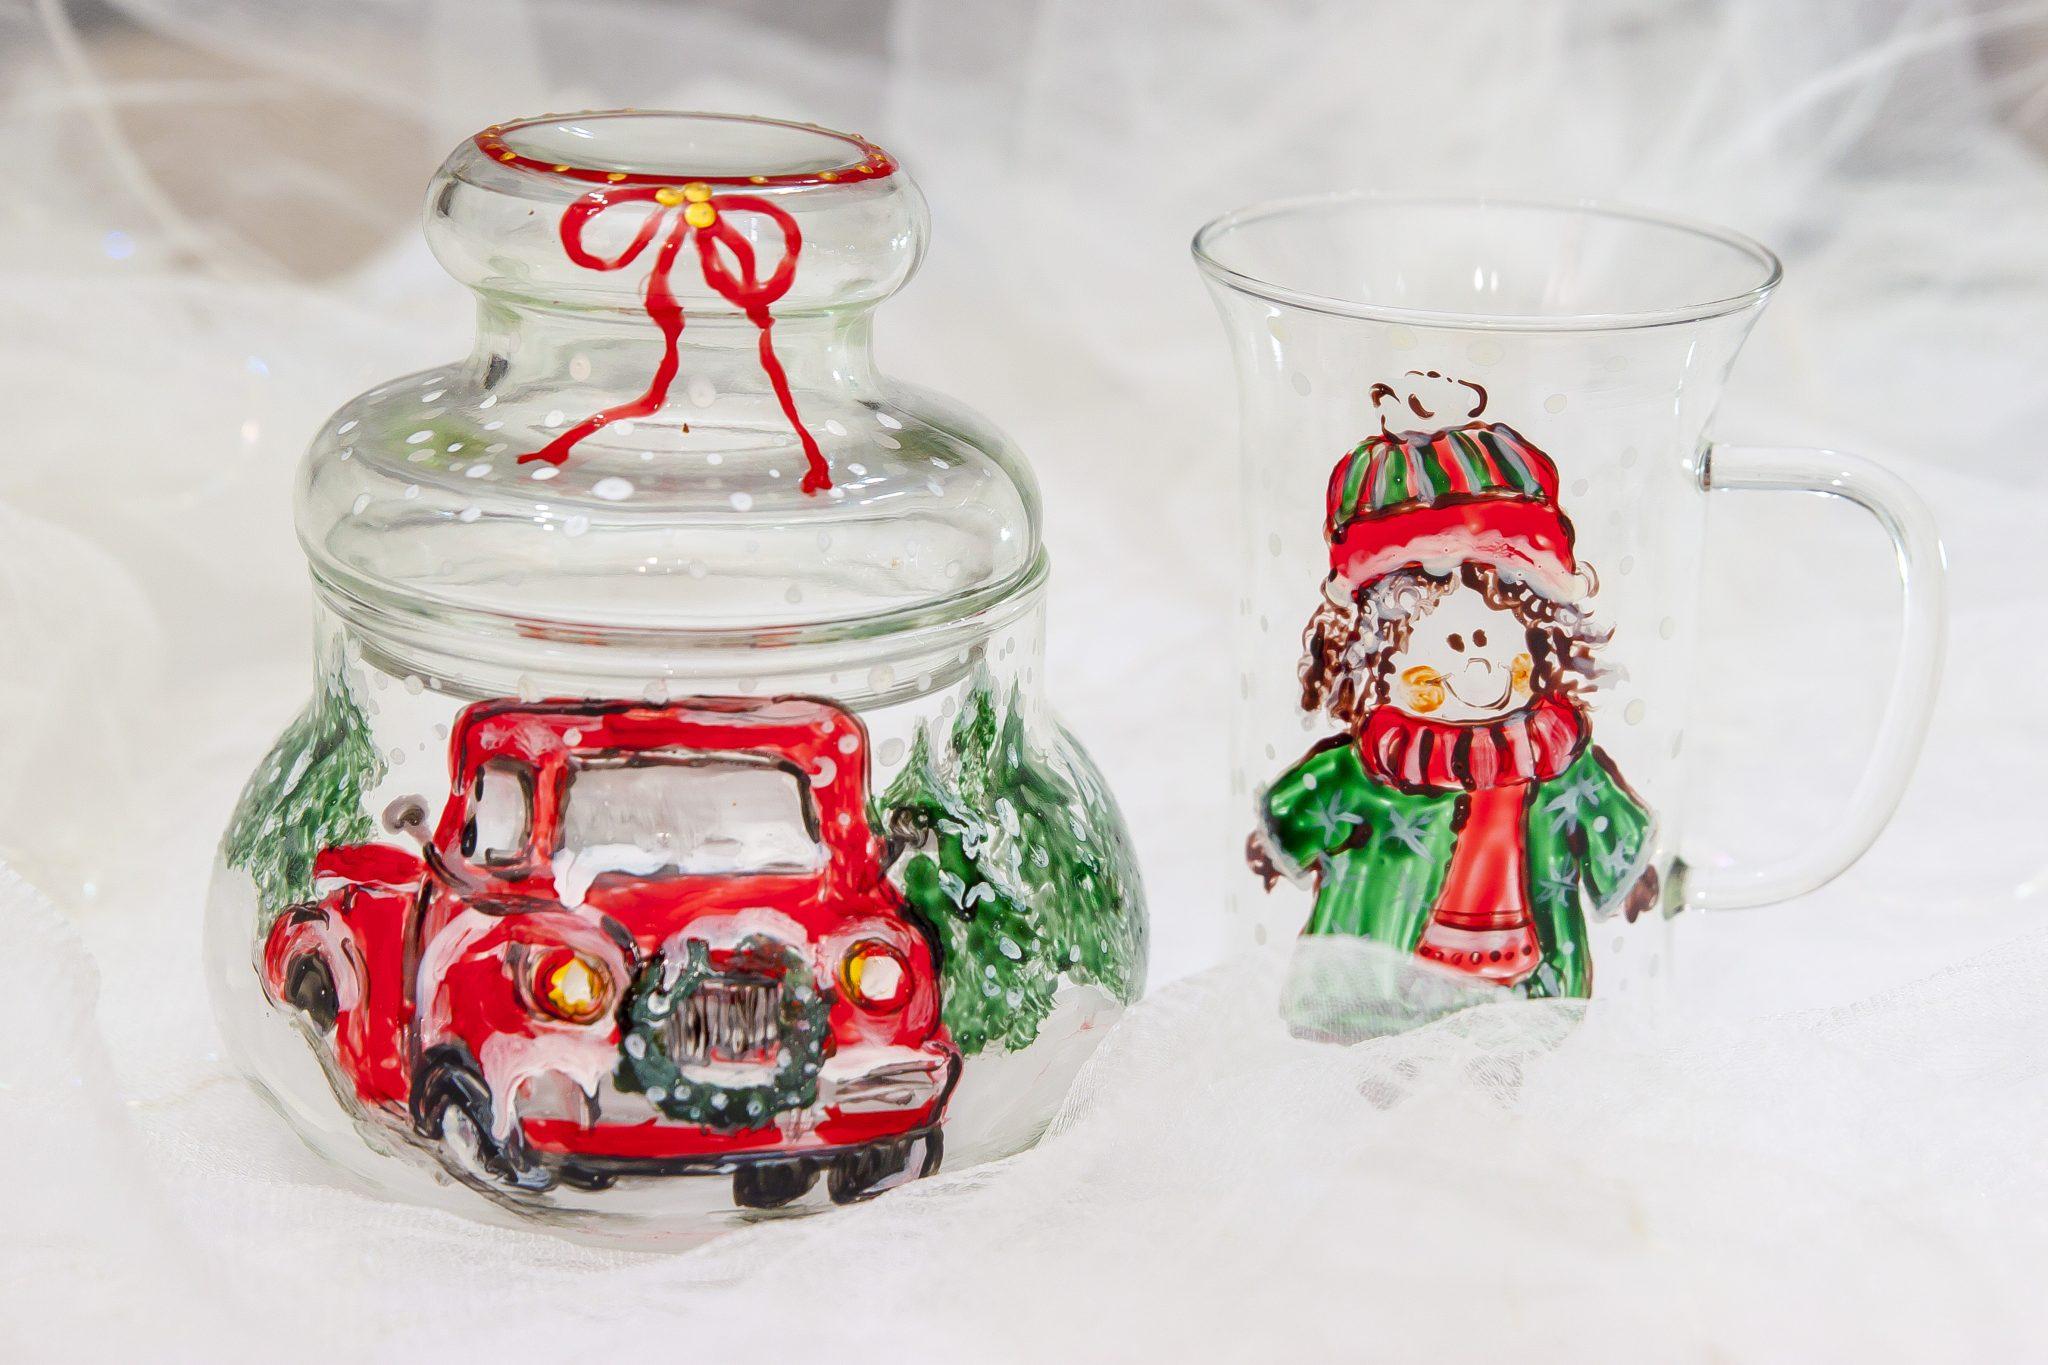 obiecte din sticla pictate manual iarna